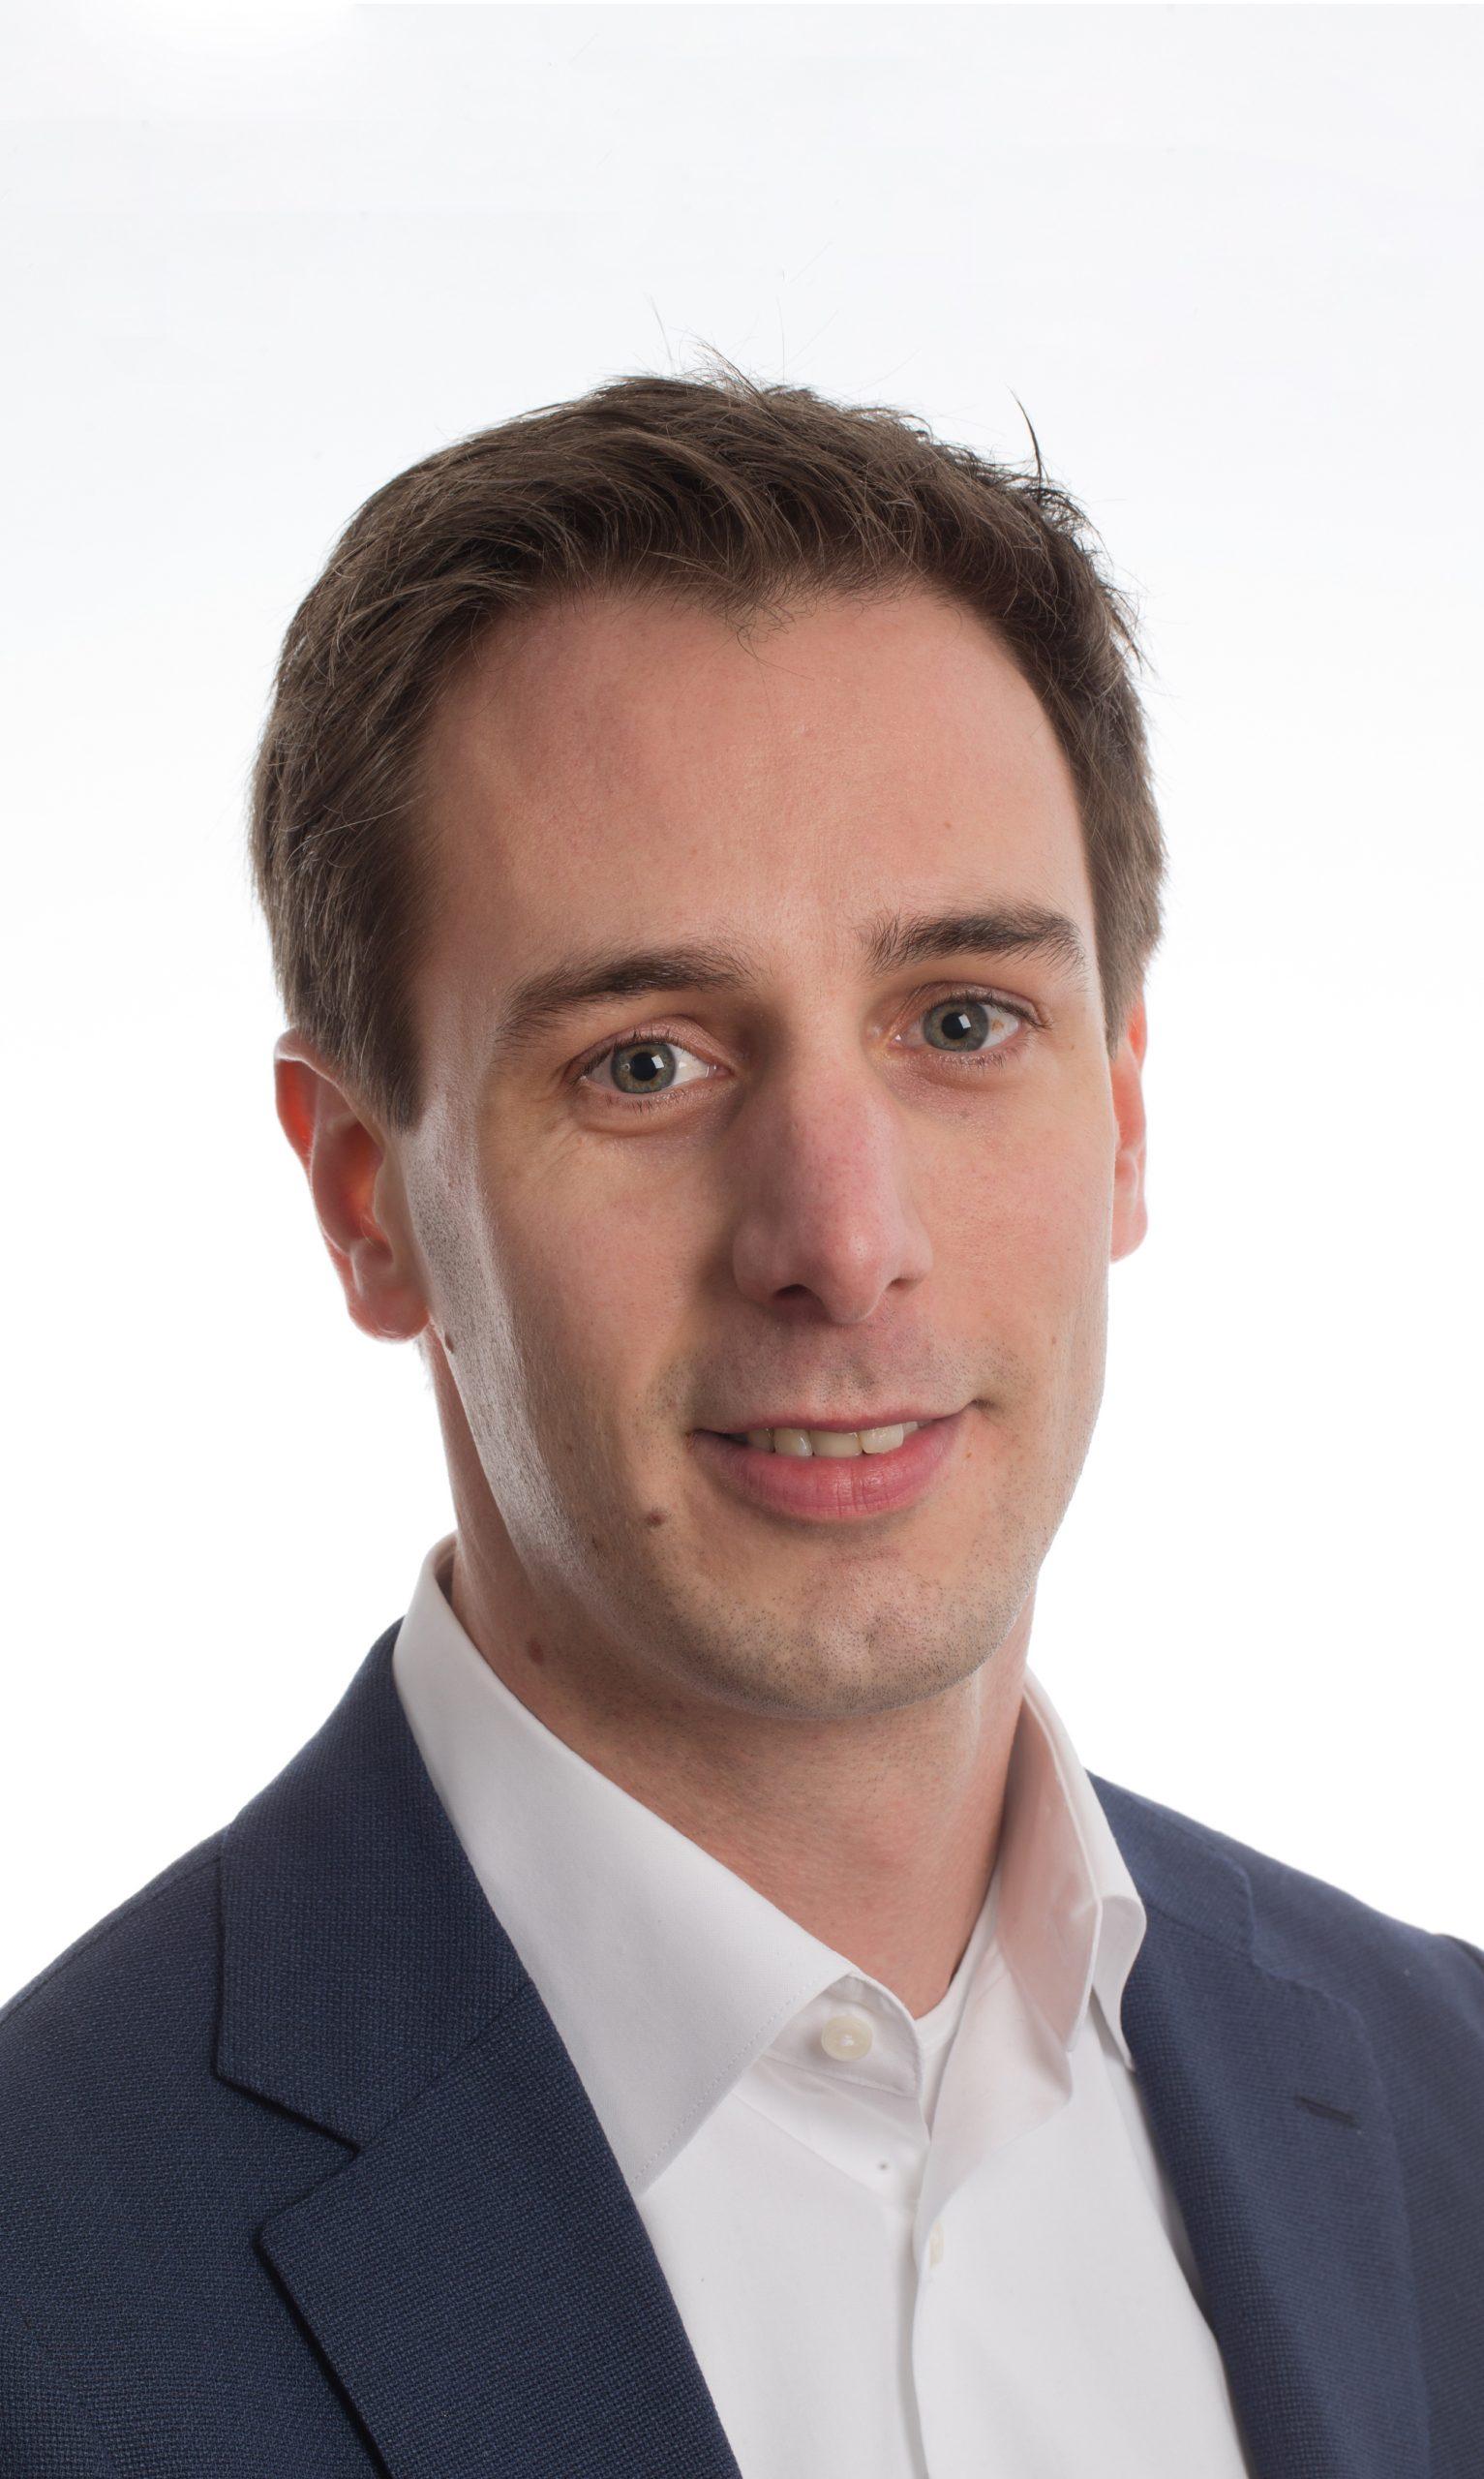 Sander Kusters